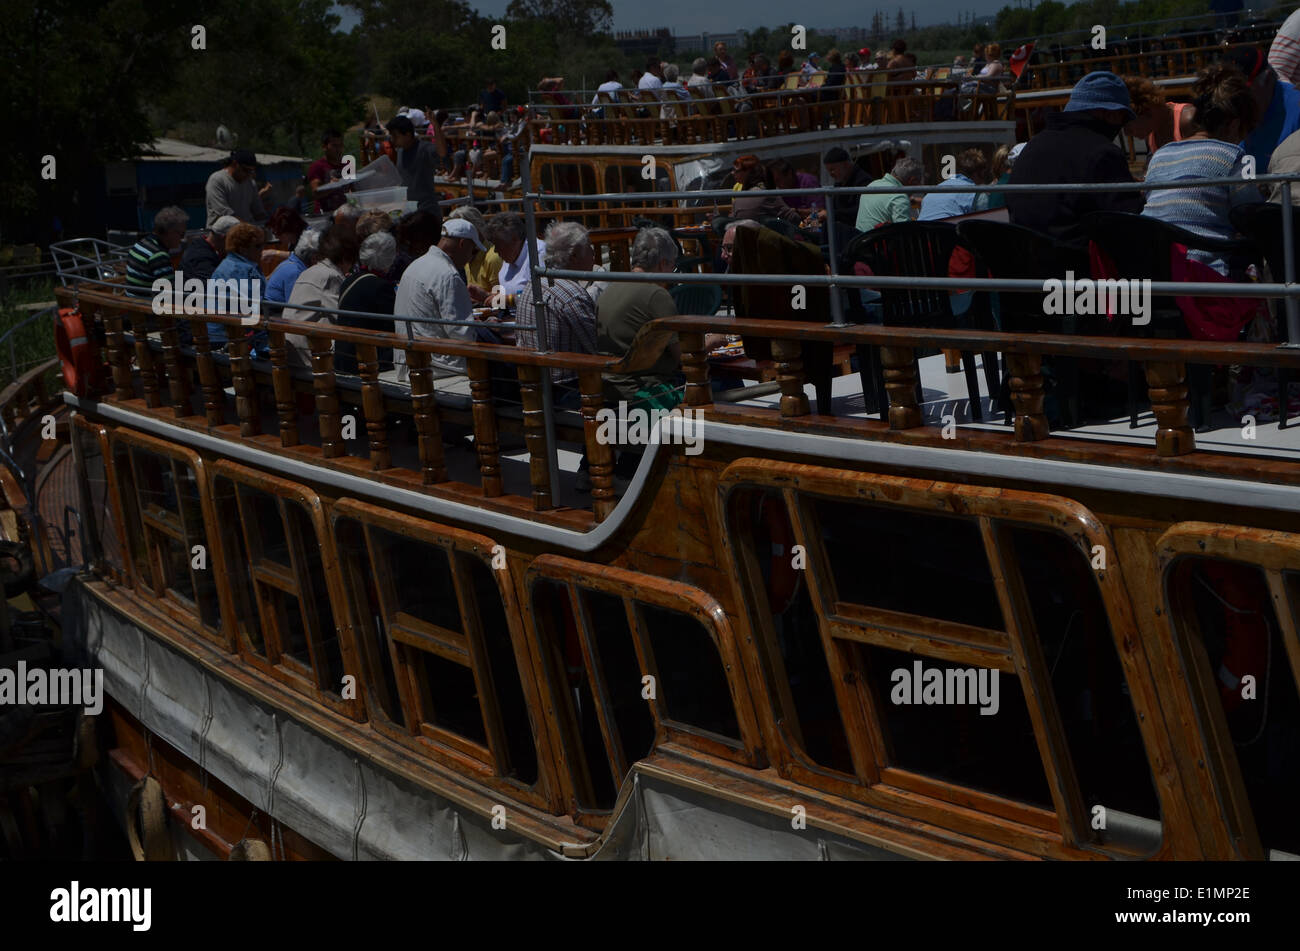 Viaje en barco con almuerzo a bordo, la manera de pasar el tiempo en Antalya. Los barcos están decoradas como barcos piratas. Imagen De Stock